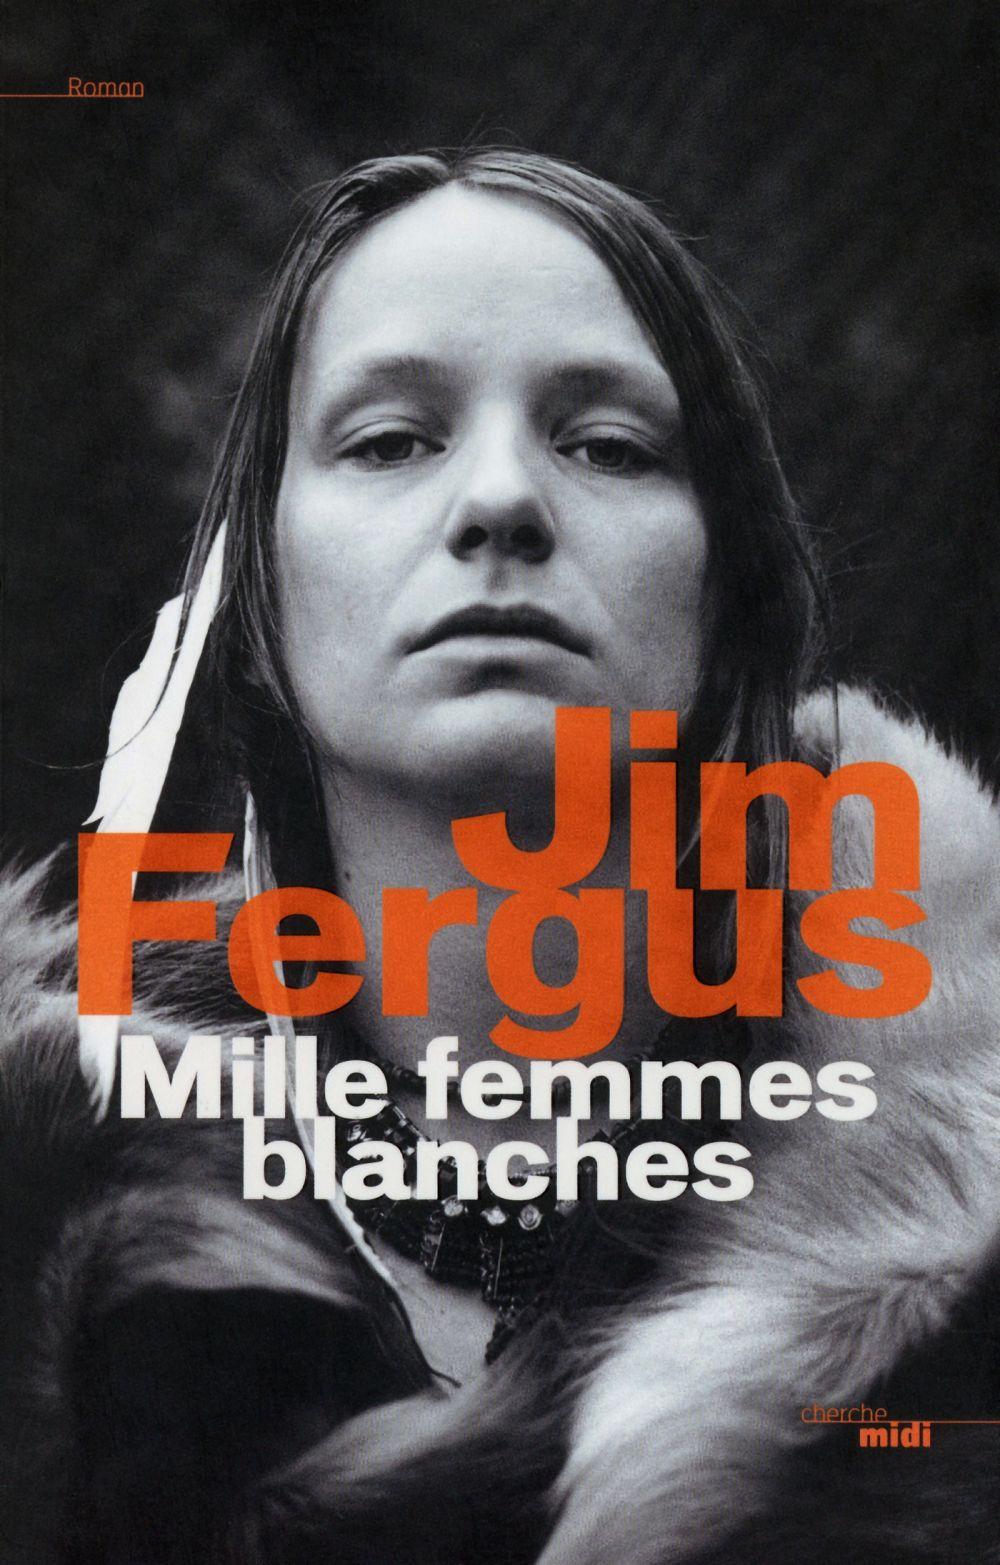 Mille femmes blanches | FERGUS, Jim. Auteur